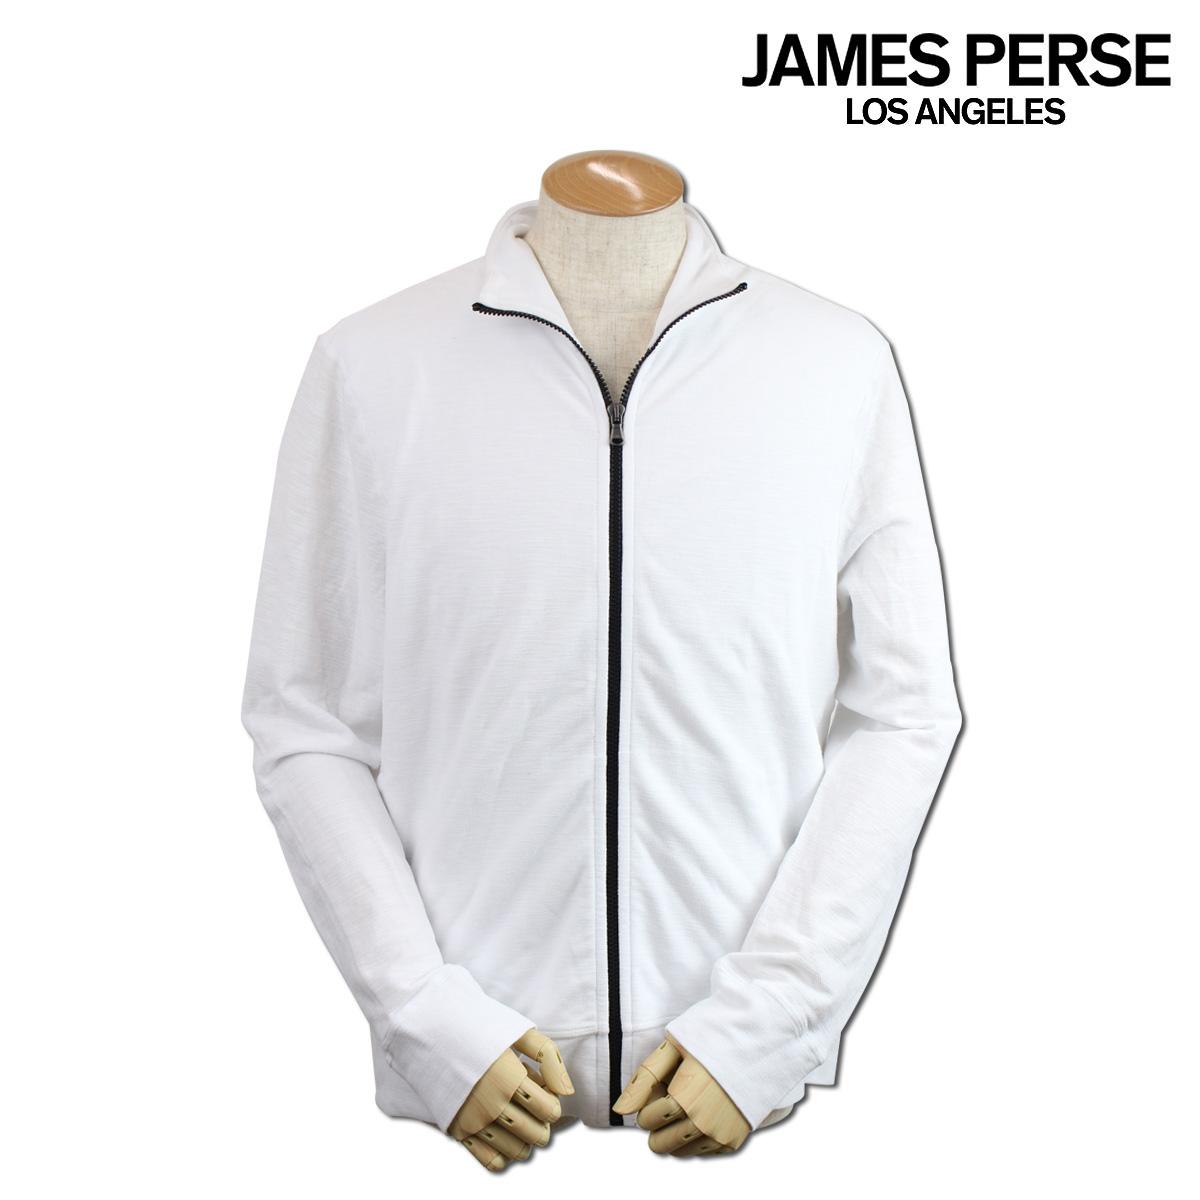 ジェームスパース JAMES PERSE ジャージ ジップアップシャツ メンズ 【CLEARANCE】